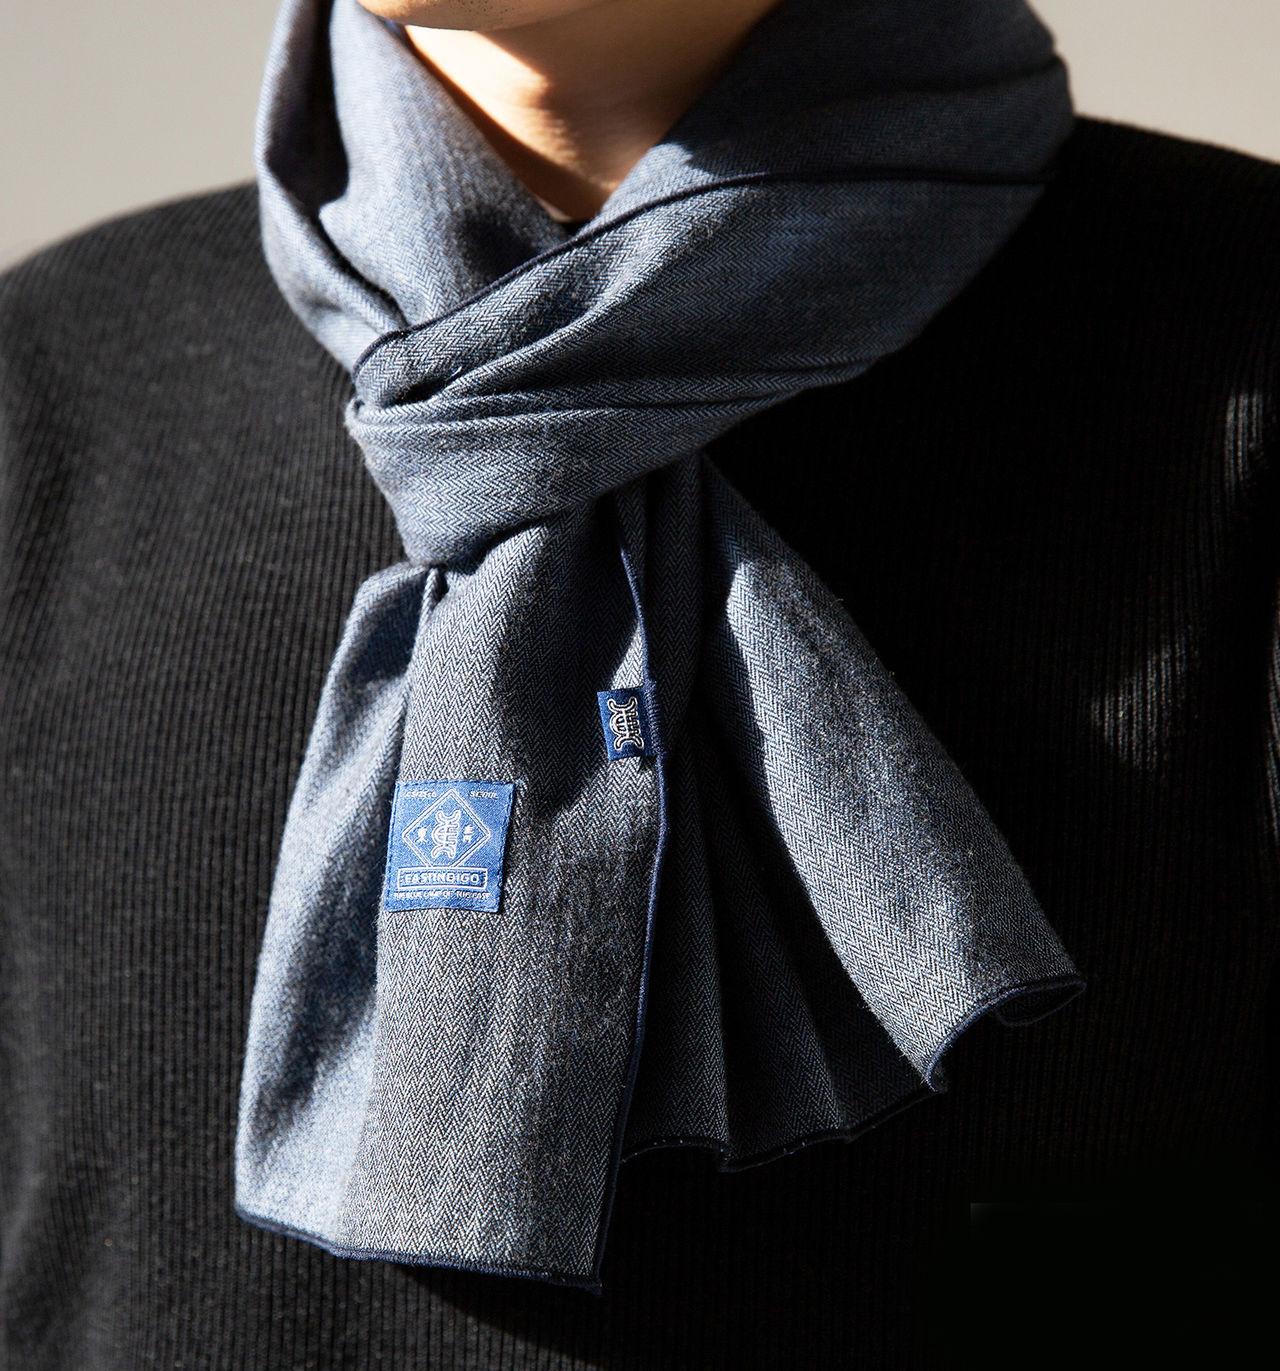 패치워크 아트웍에 영감을 받은 스카프